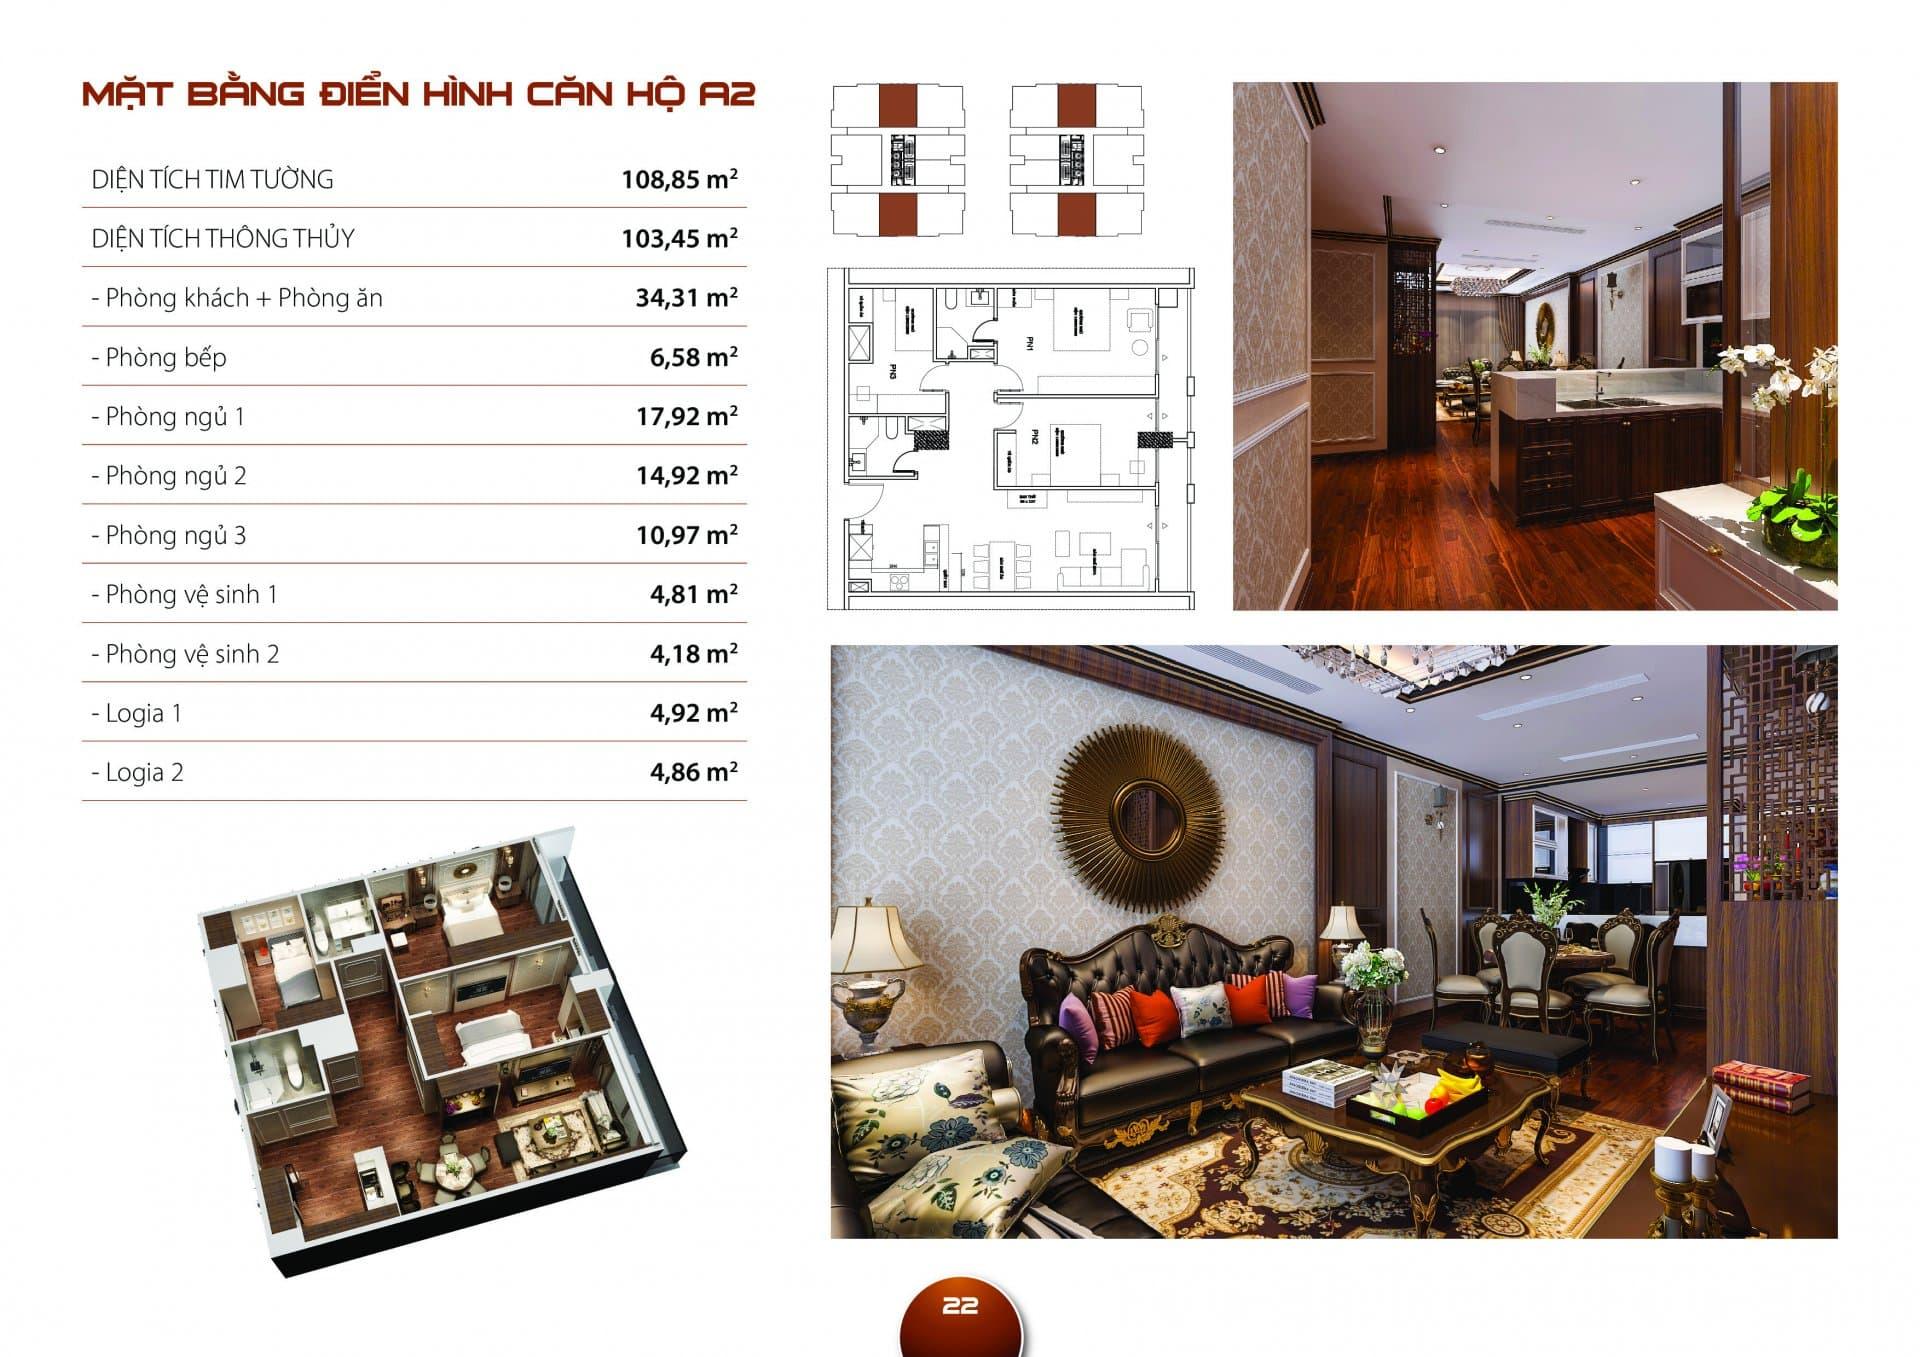 Căn hộ A2 Diện tích thông thủy 103,45m2 thiết kế 03 phòng ngủ